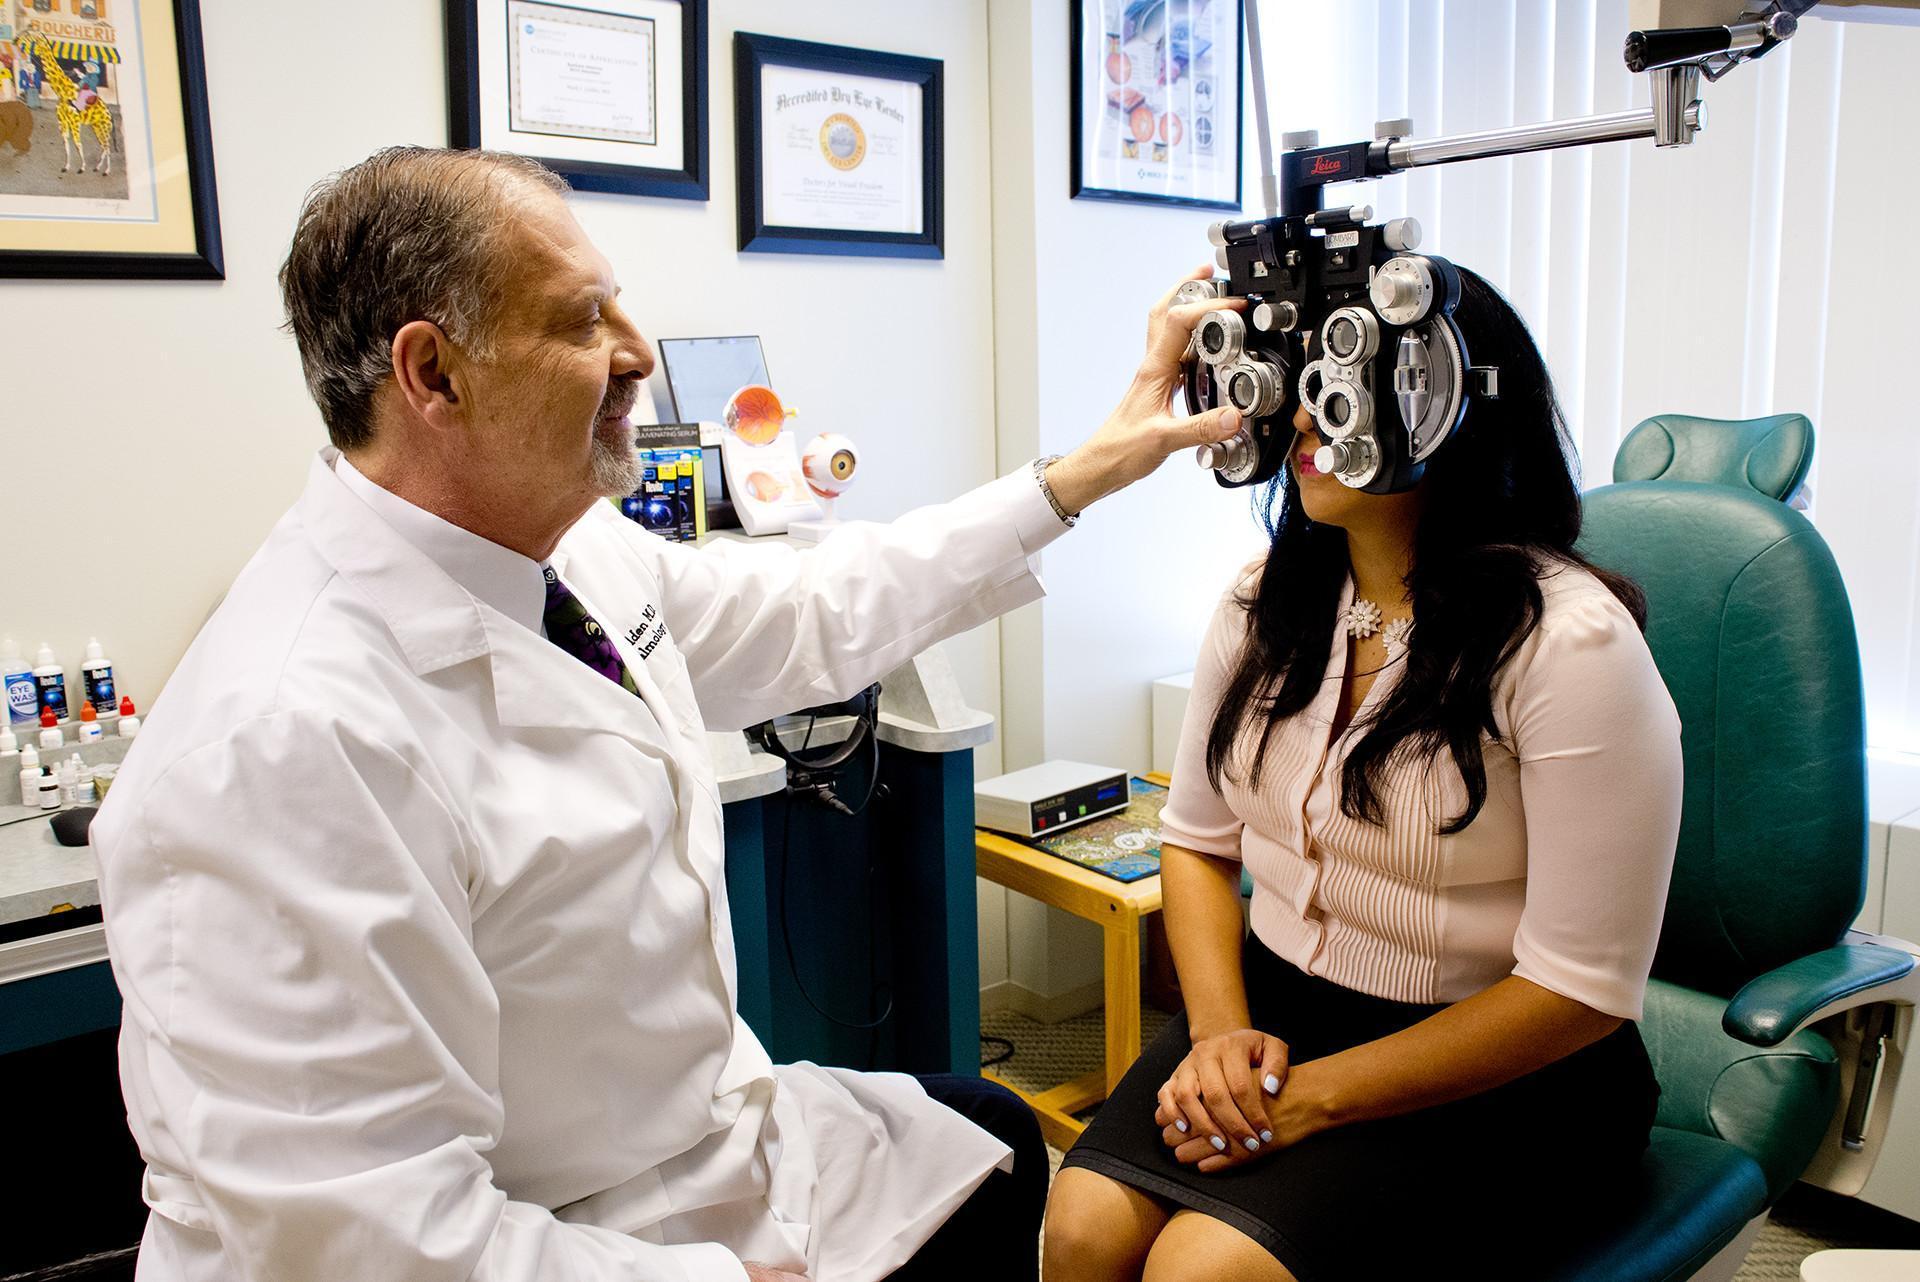 Dr. Golden's eye exam